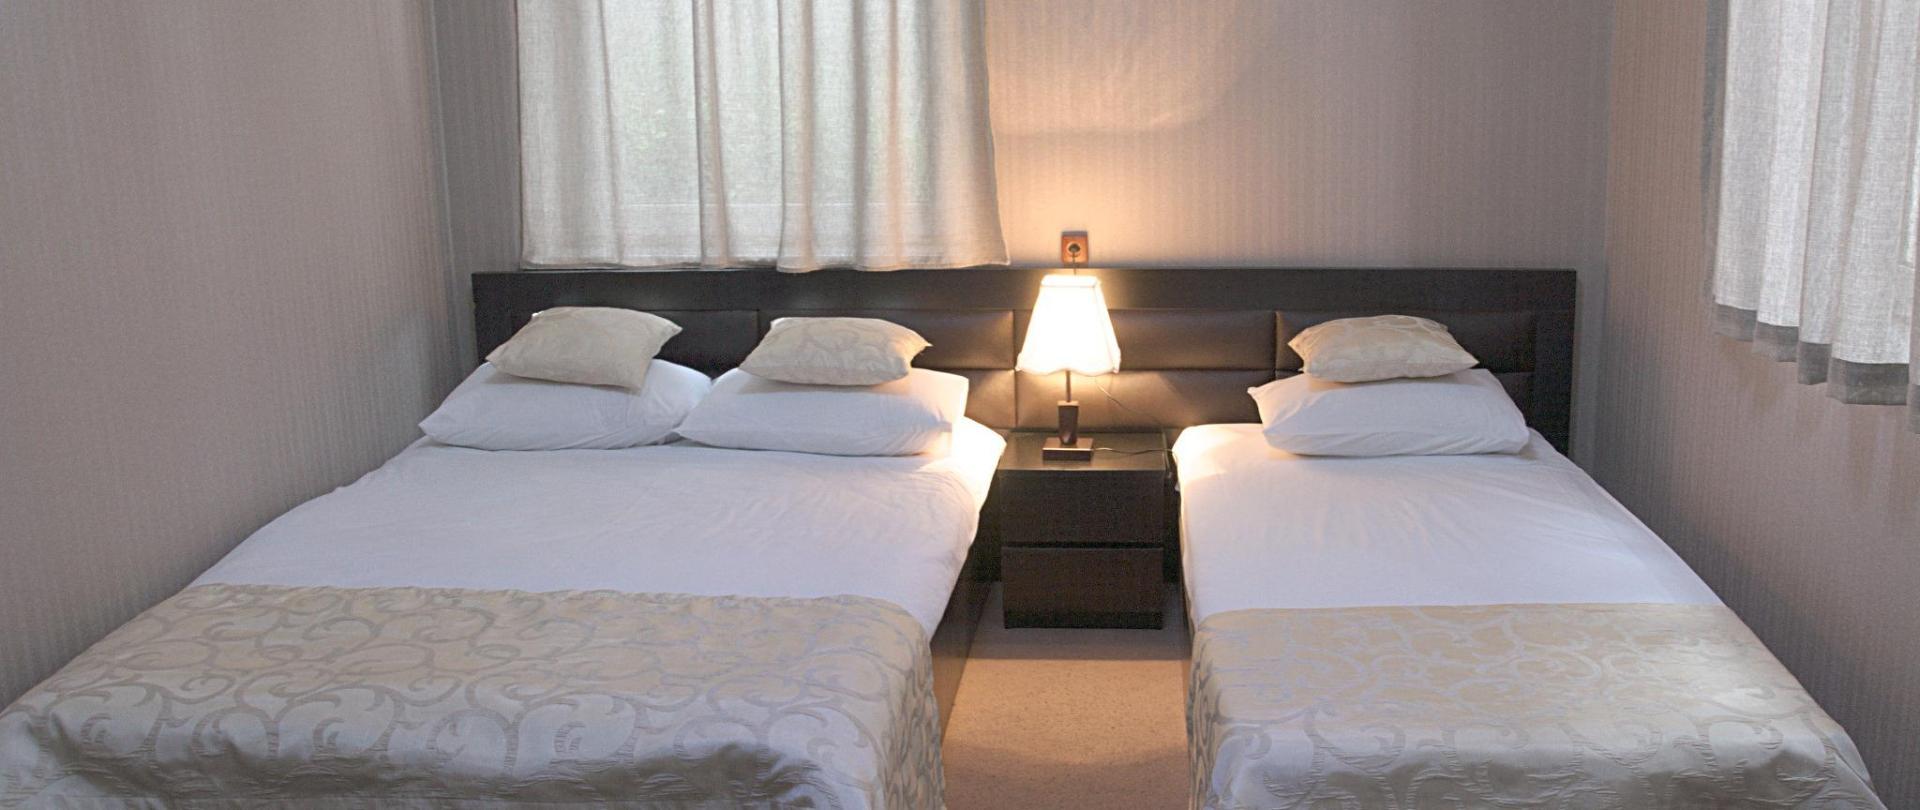 Khách sạn mới Metekhi